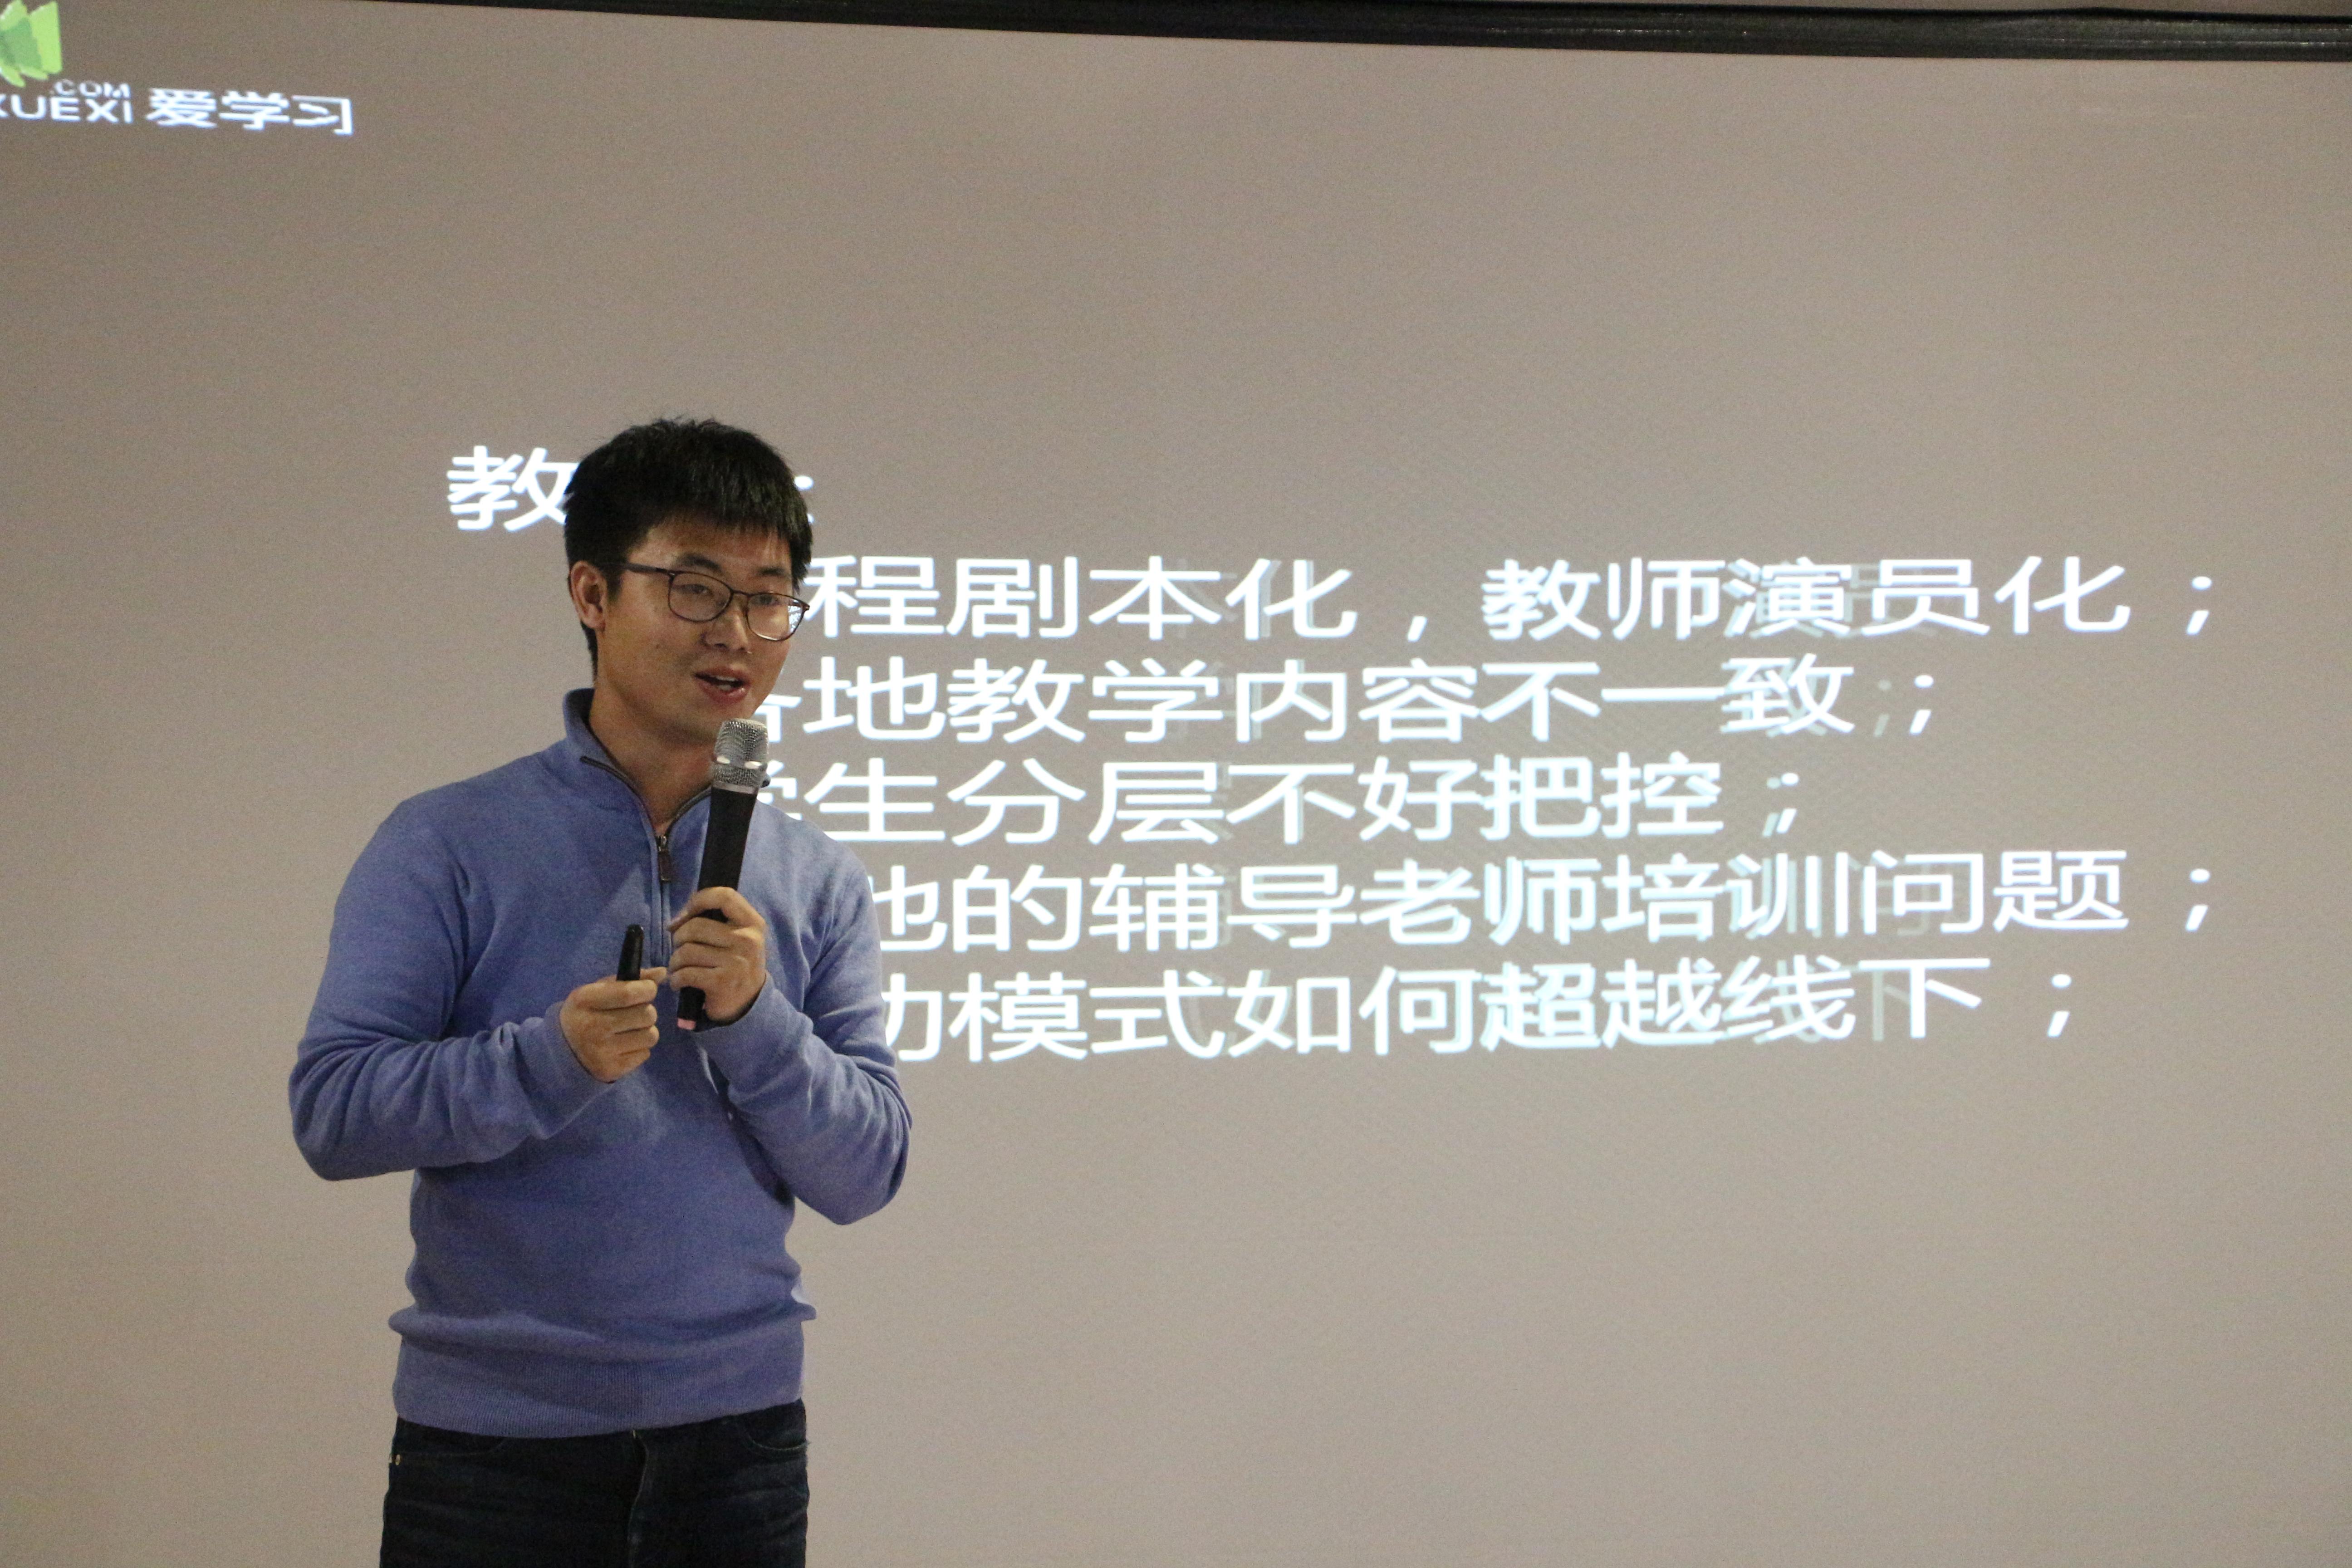 高思教育温鑫:爱学习如何将标准化教学带入三四线城市?